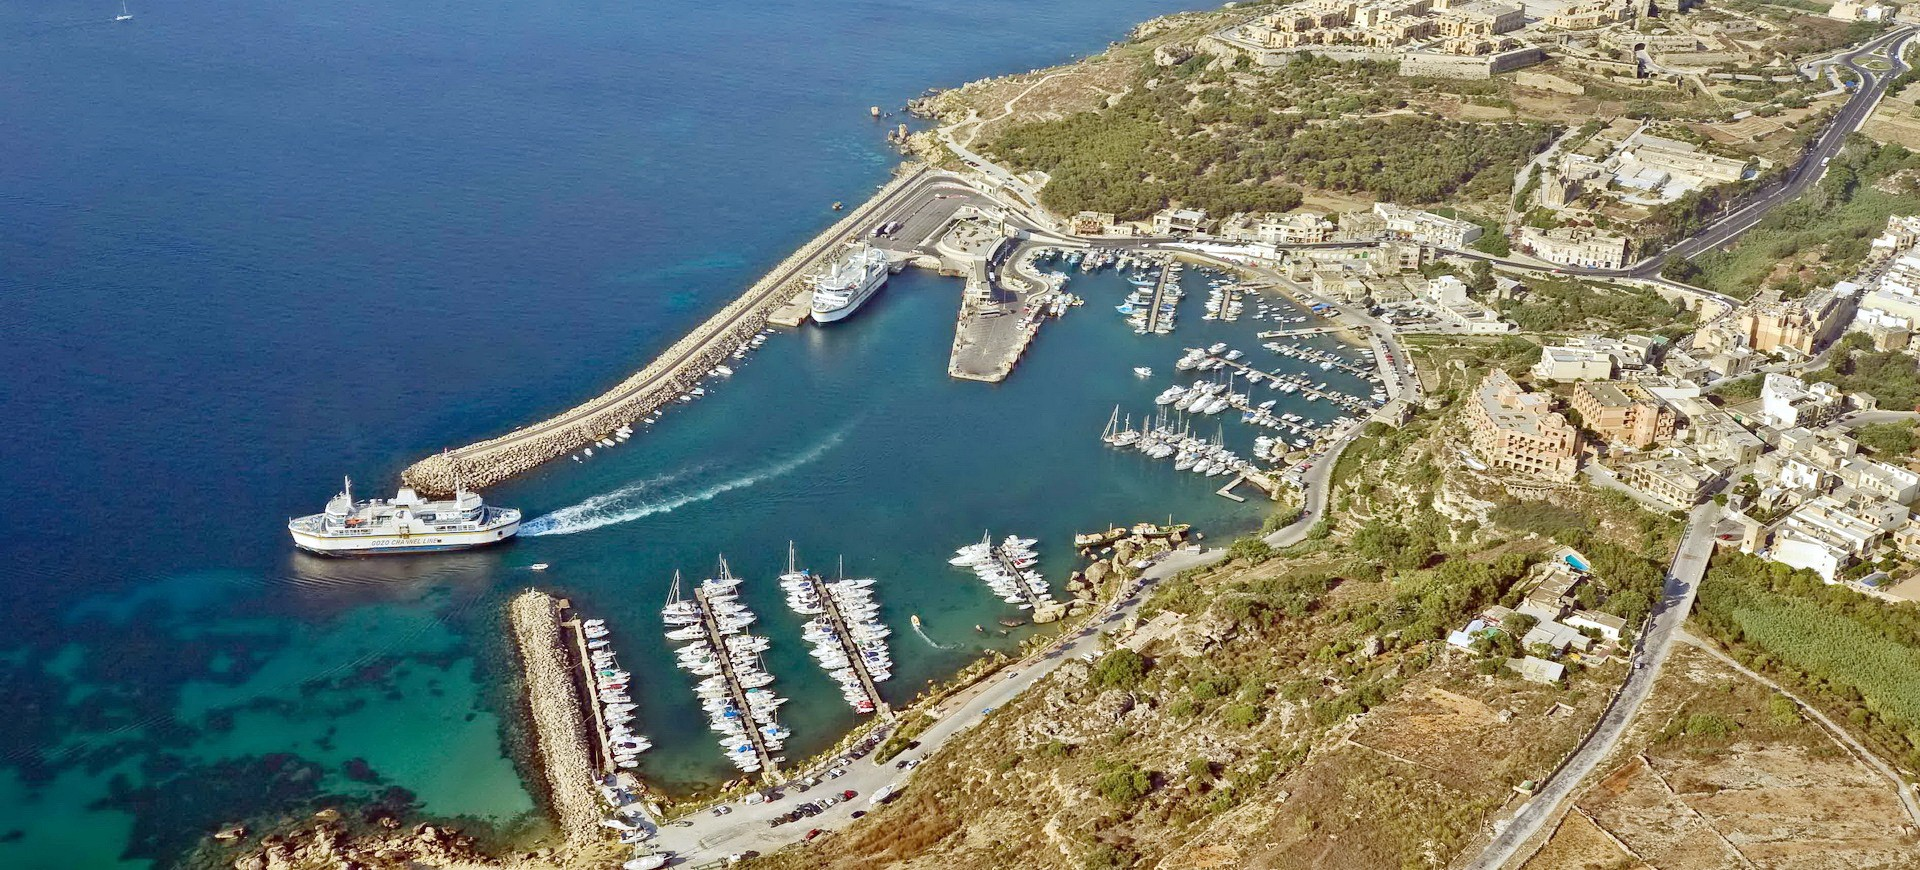 Malte Ile de Gozo Port de Mgarr vue aérienne